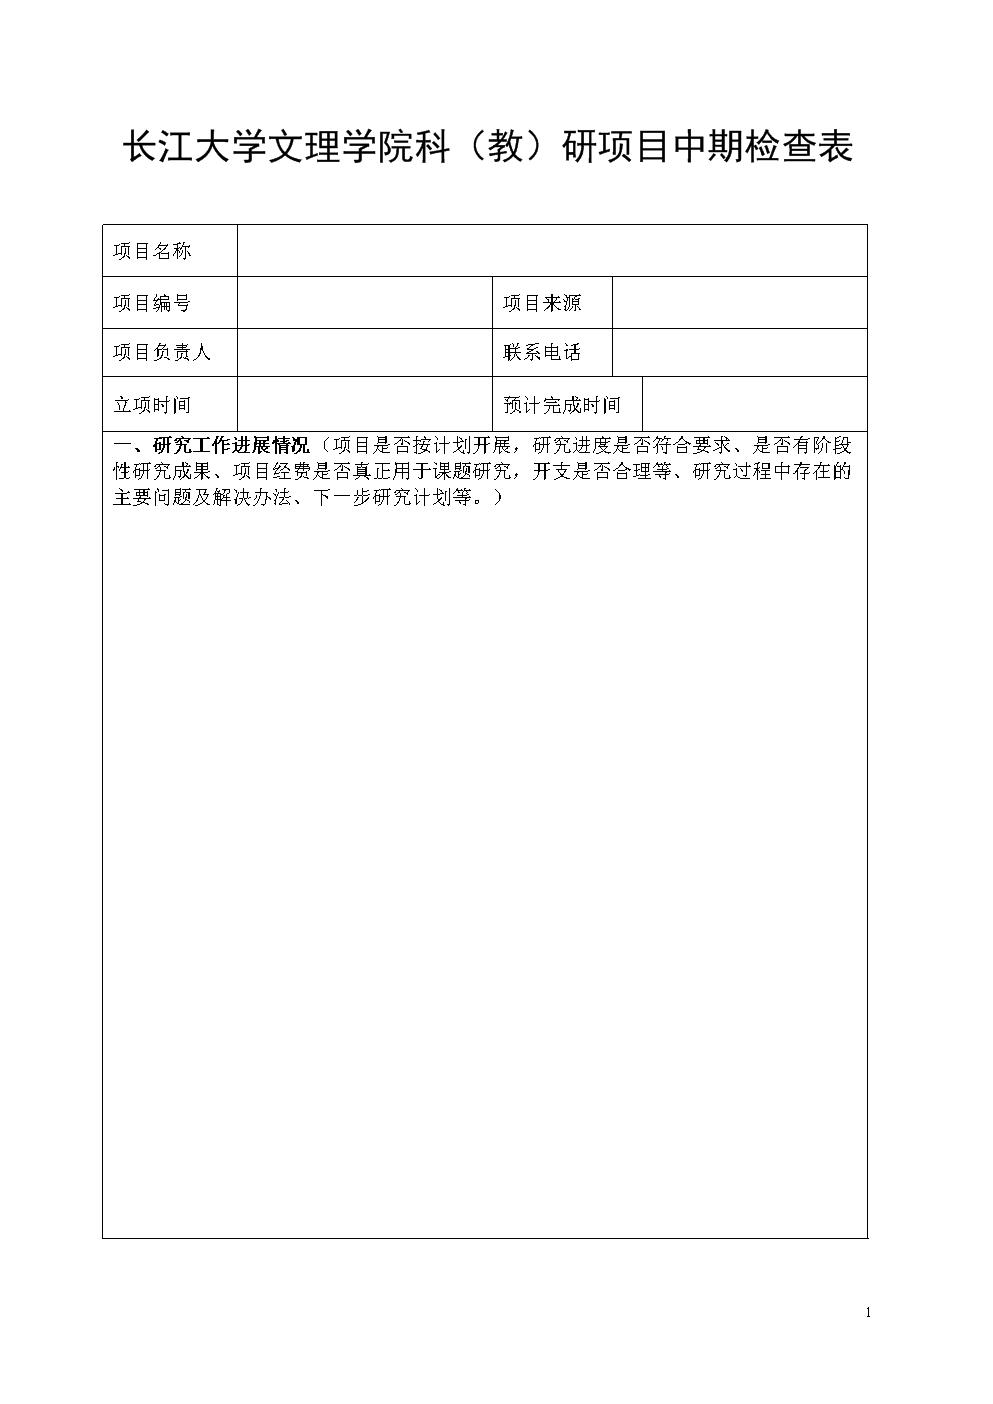 长江大学文理学院科教研项目中期检查表.doc